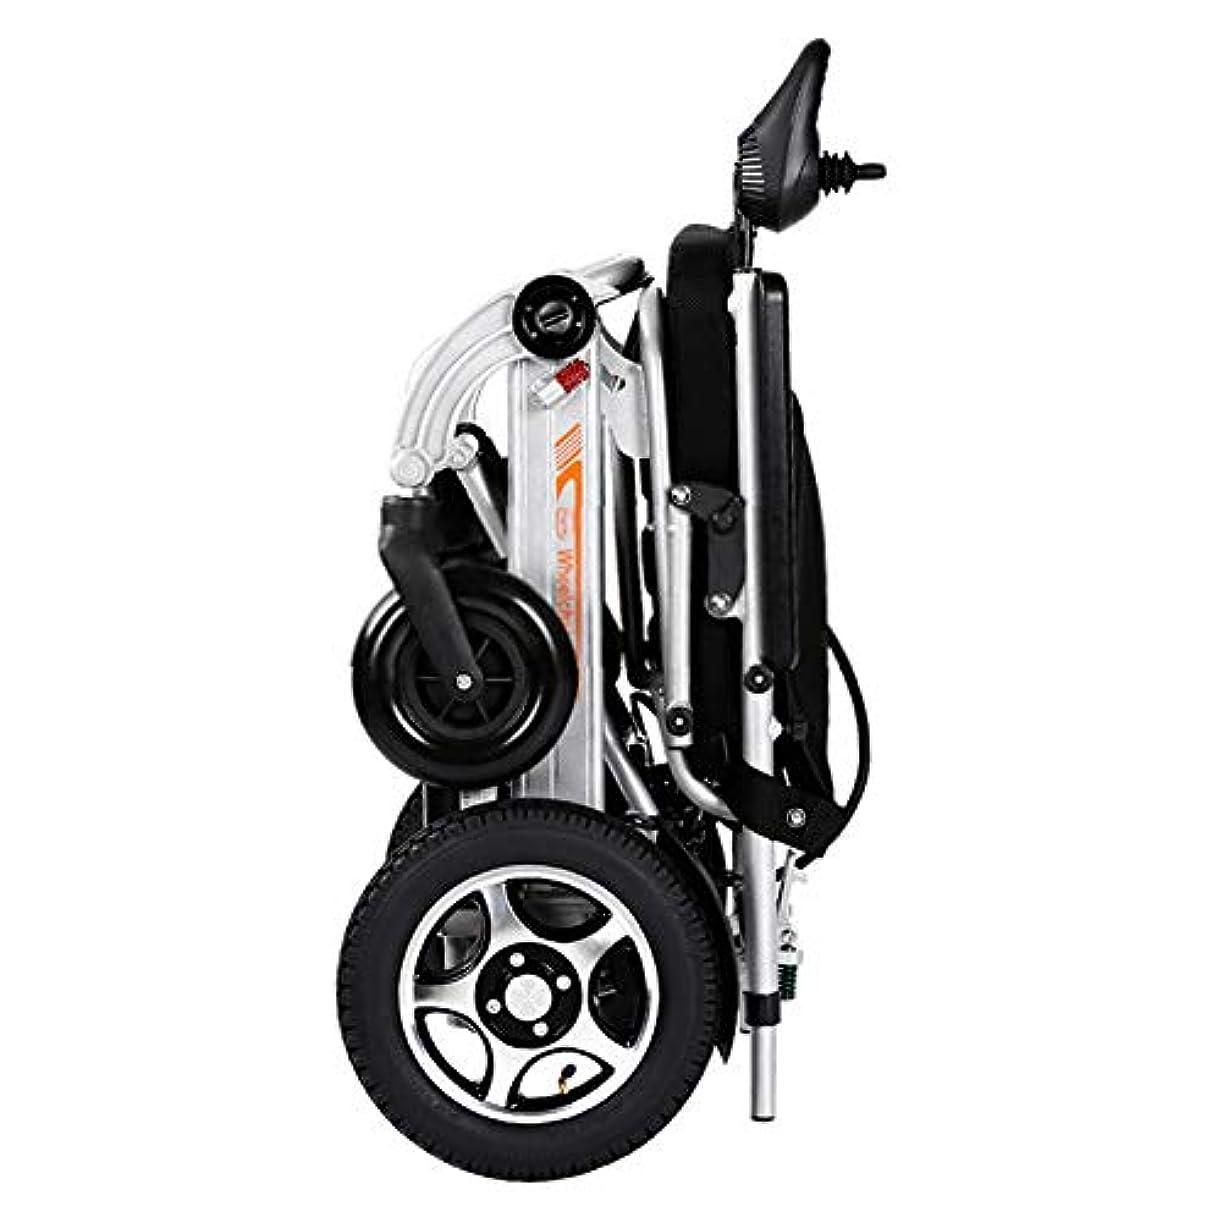 結核ピット包囲電動車椅子、折り畳み電動車椅子、ただ2秒で折りたたみ可能 軽量 360°ジョイスティック、電動ドライブ、または手動車椅子としての使用(リチウムイオン電池)